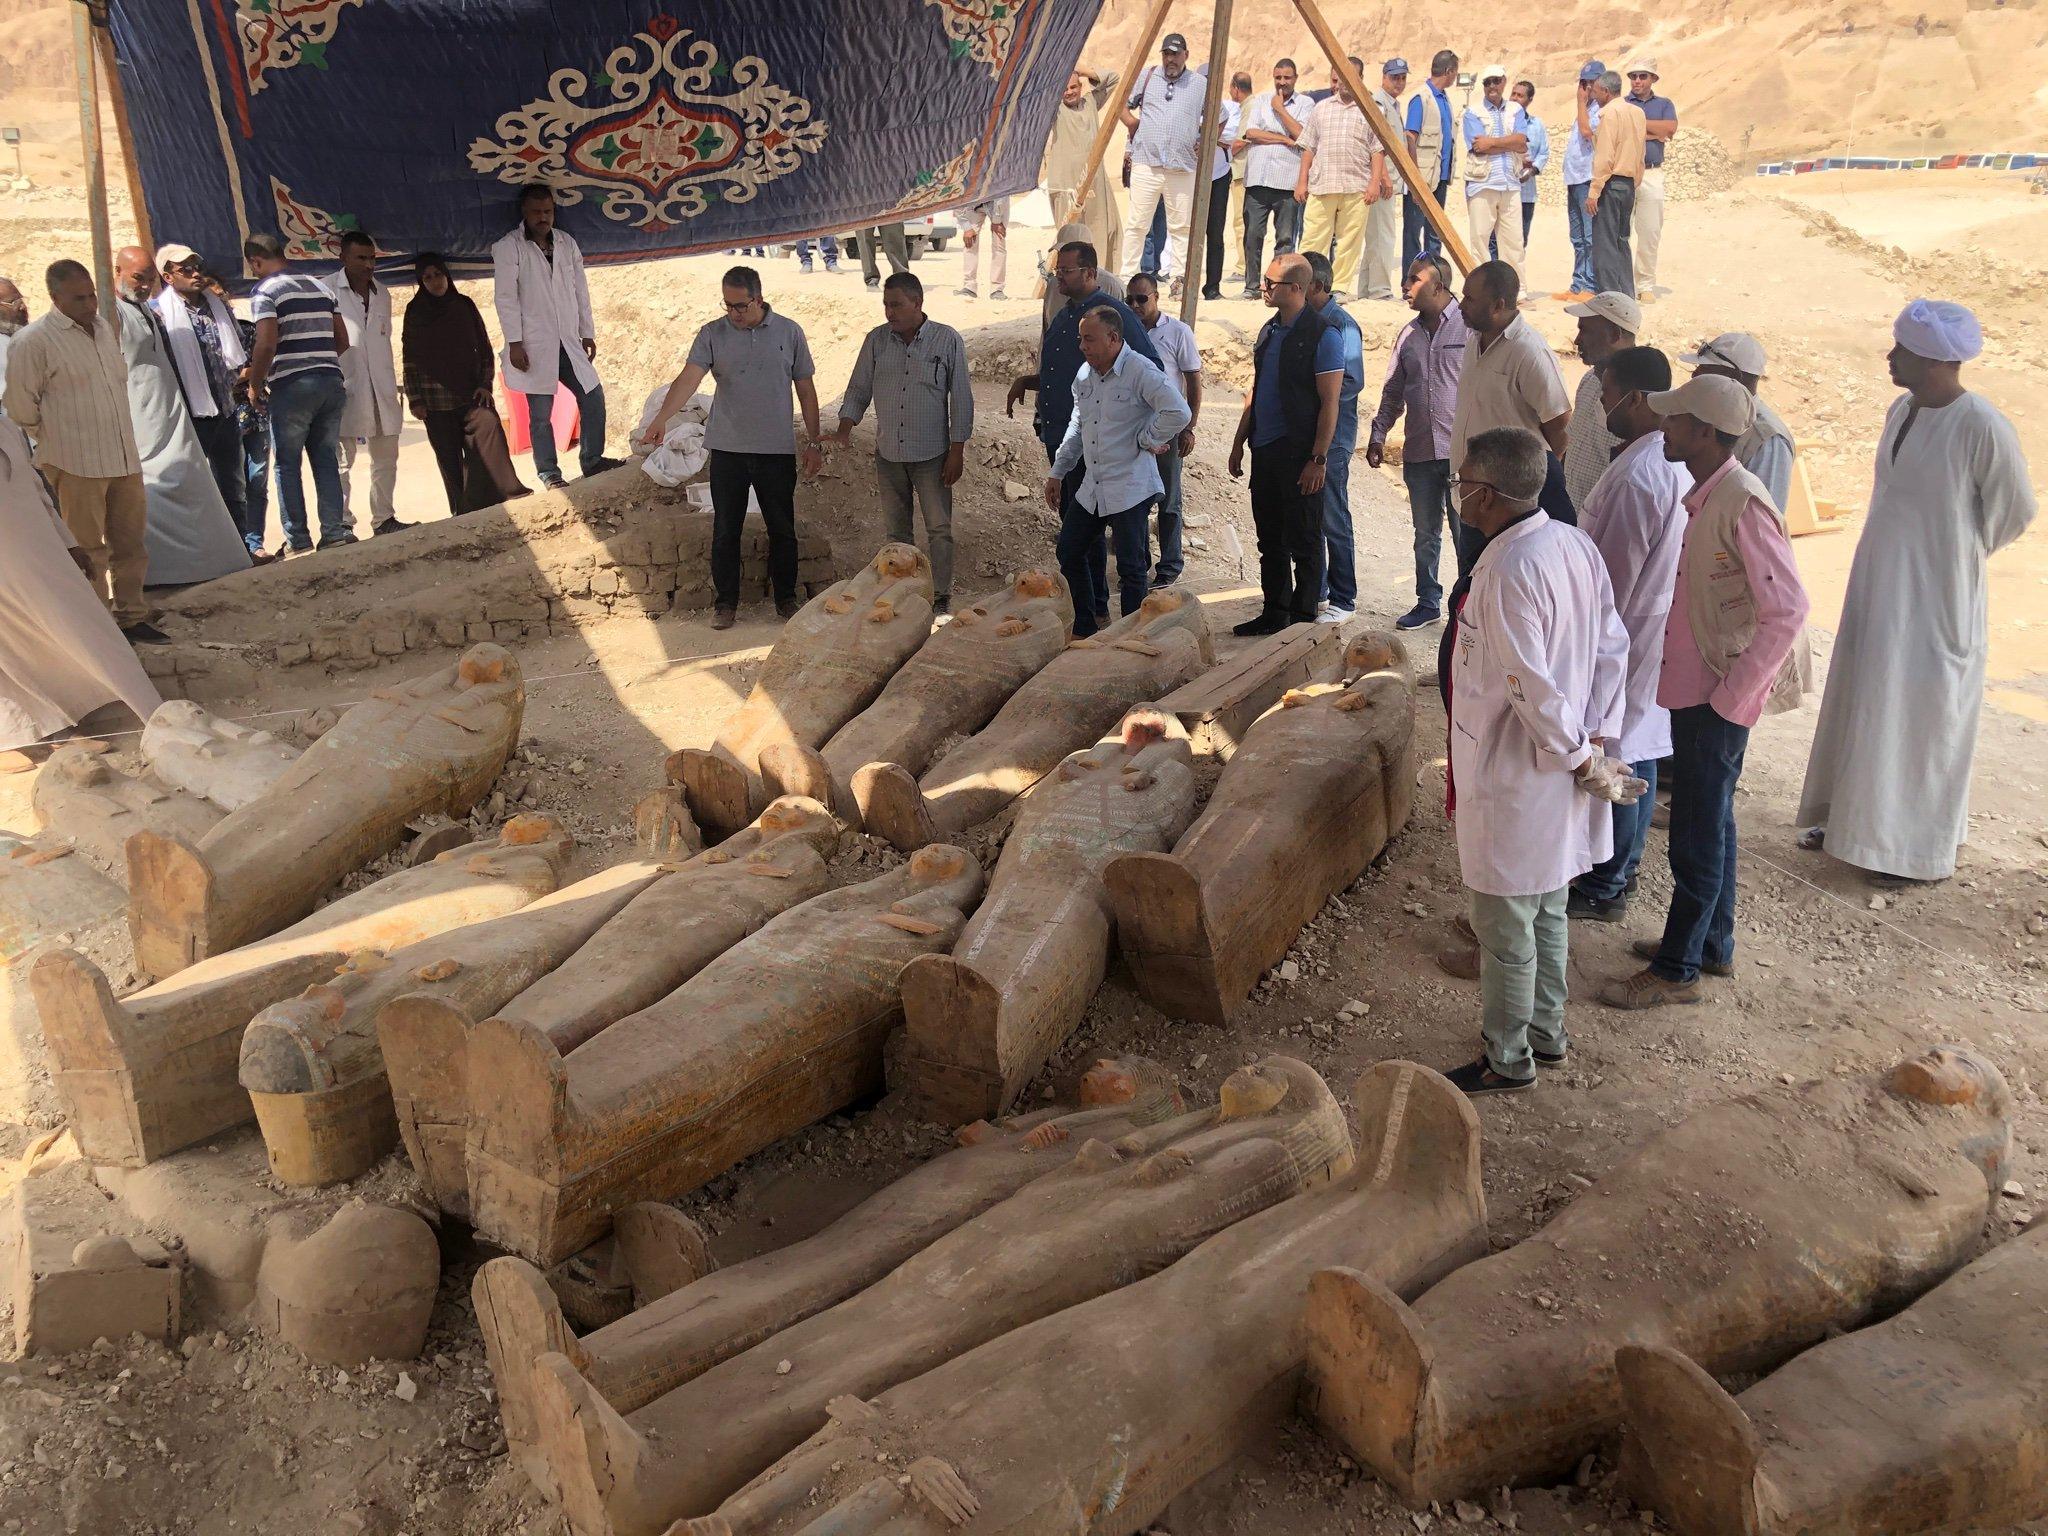 20 anciens cercueils ont été découverts près de Louxor par des archéologues égyptiens